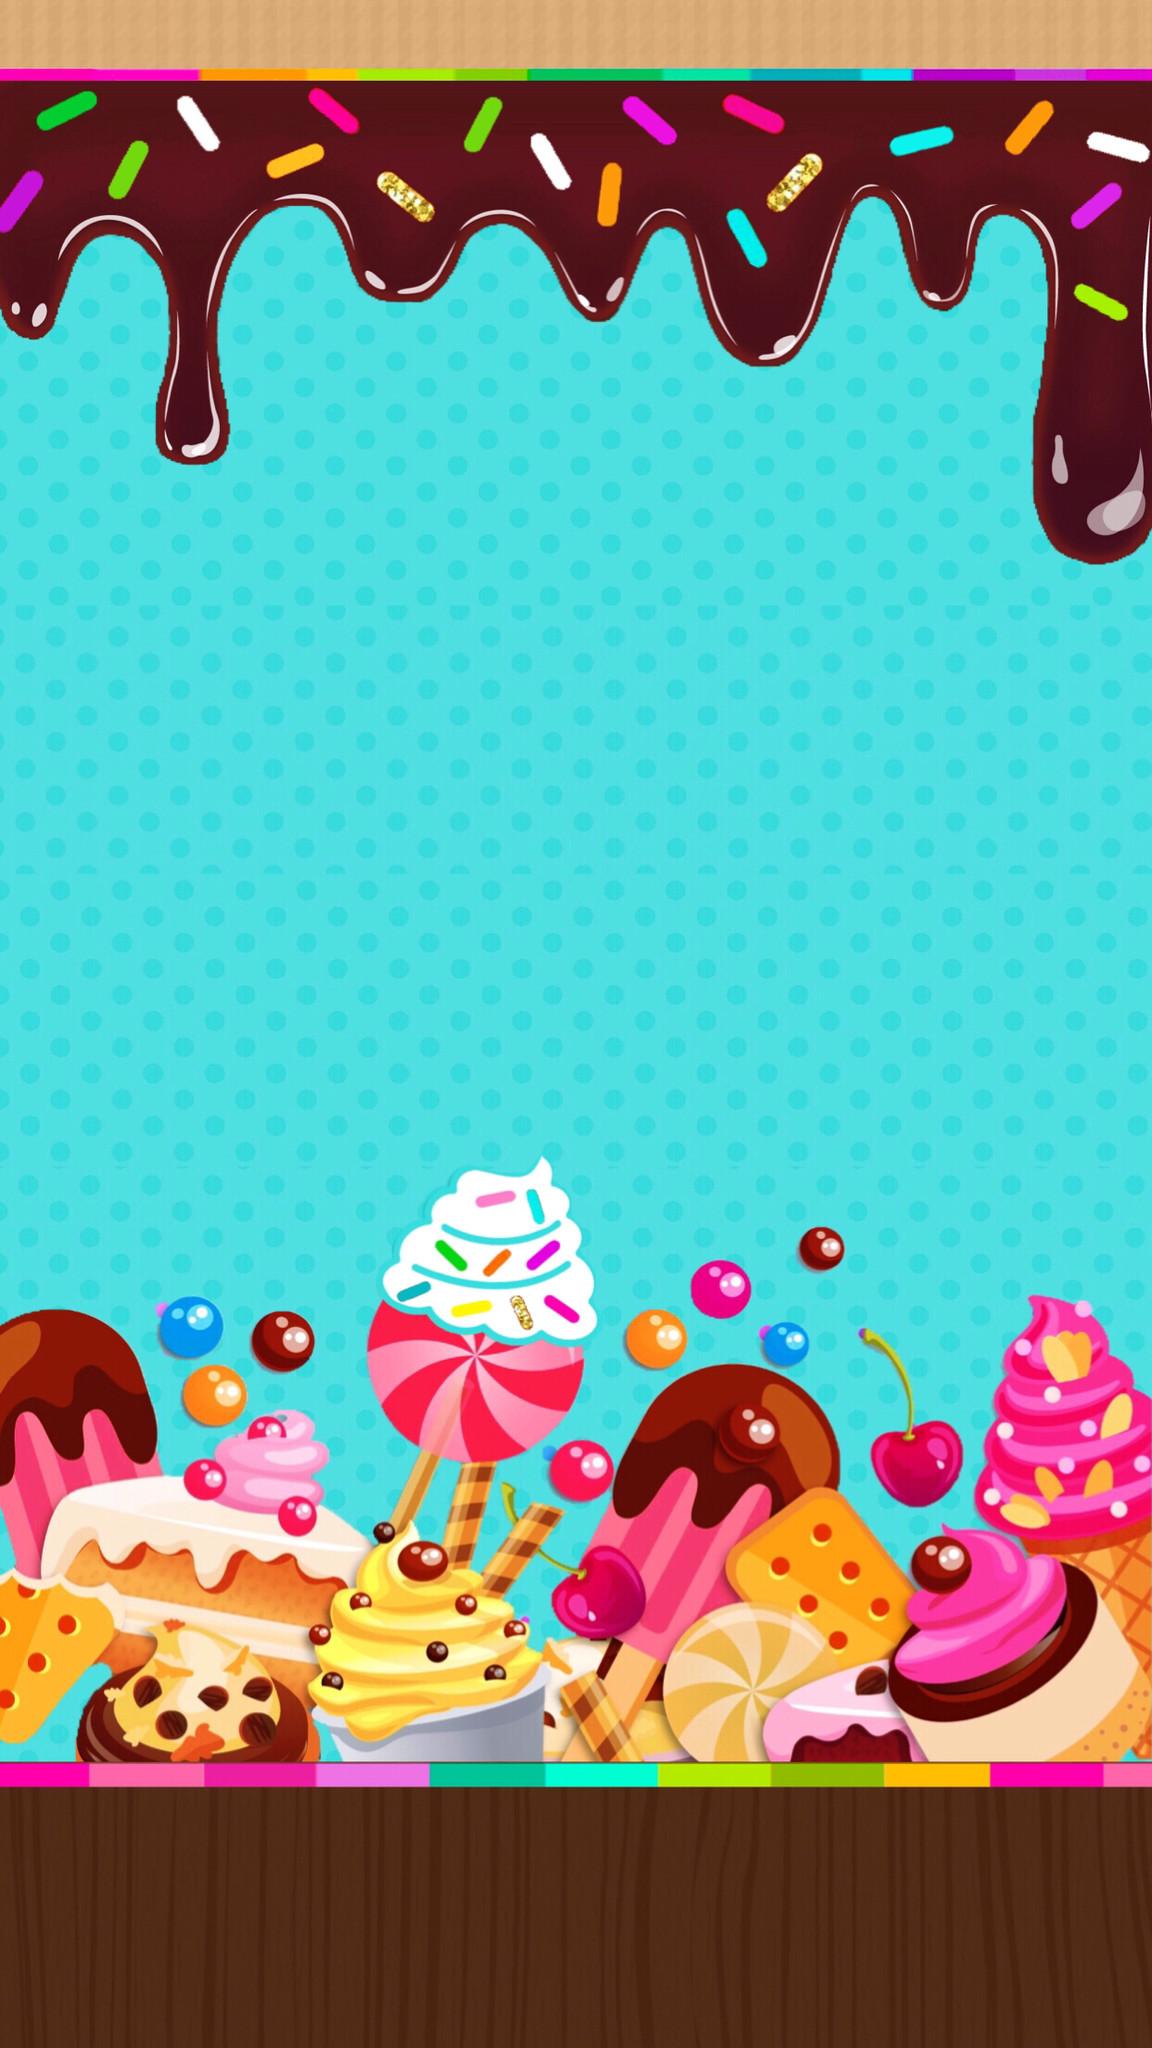 Res: 1152x2048, Dropbox - Sweet Treats Colorful Wallpaper, Sassy Wallpaper, Wallpaper  Iphone Cute, Kawaii Wallpaper